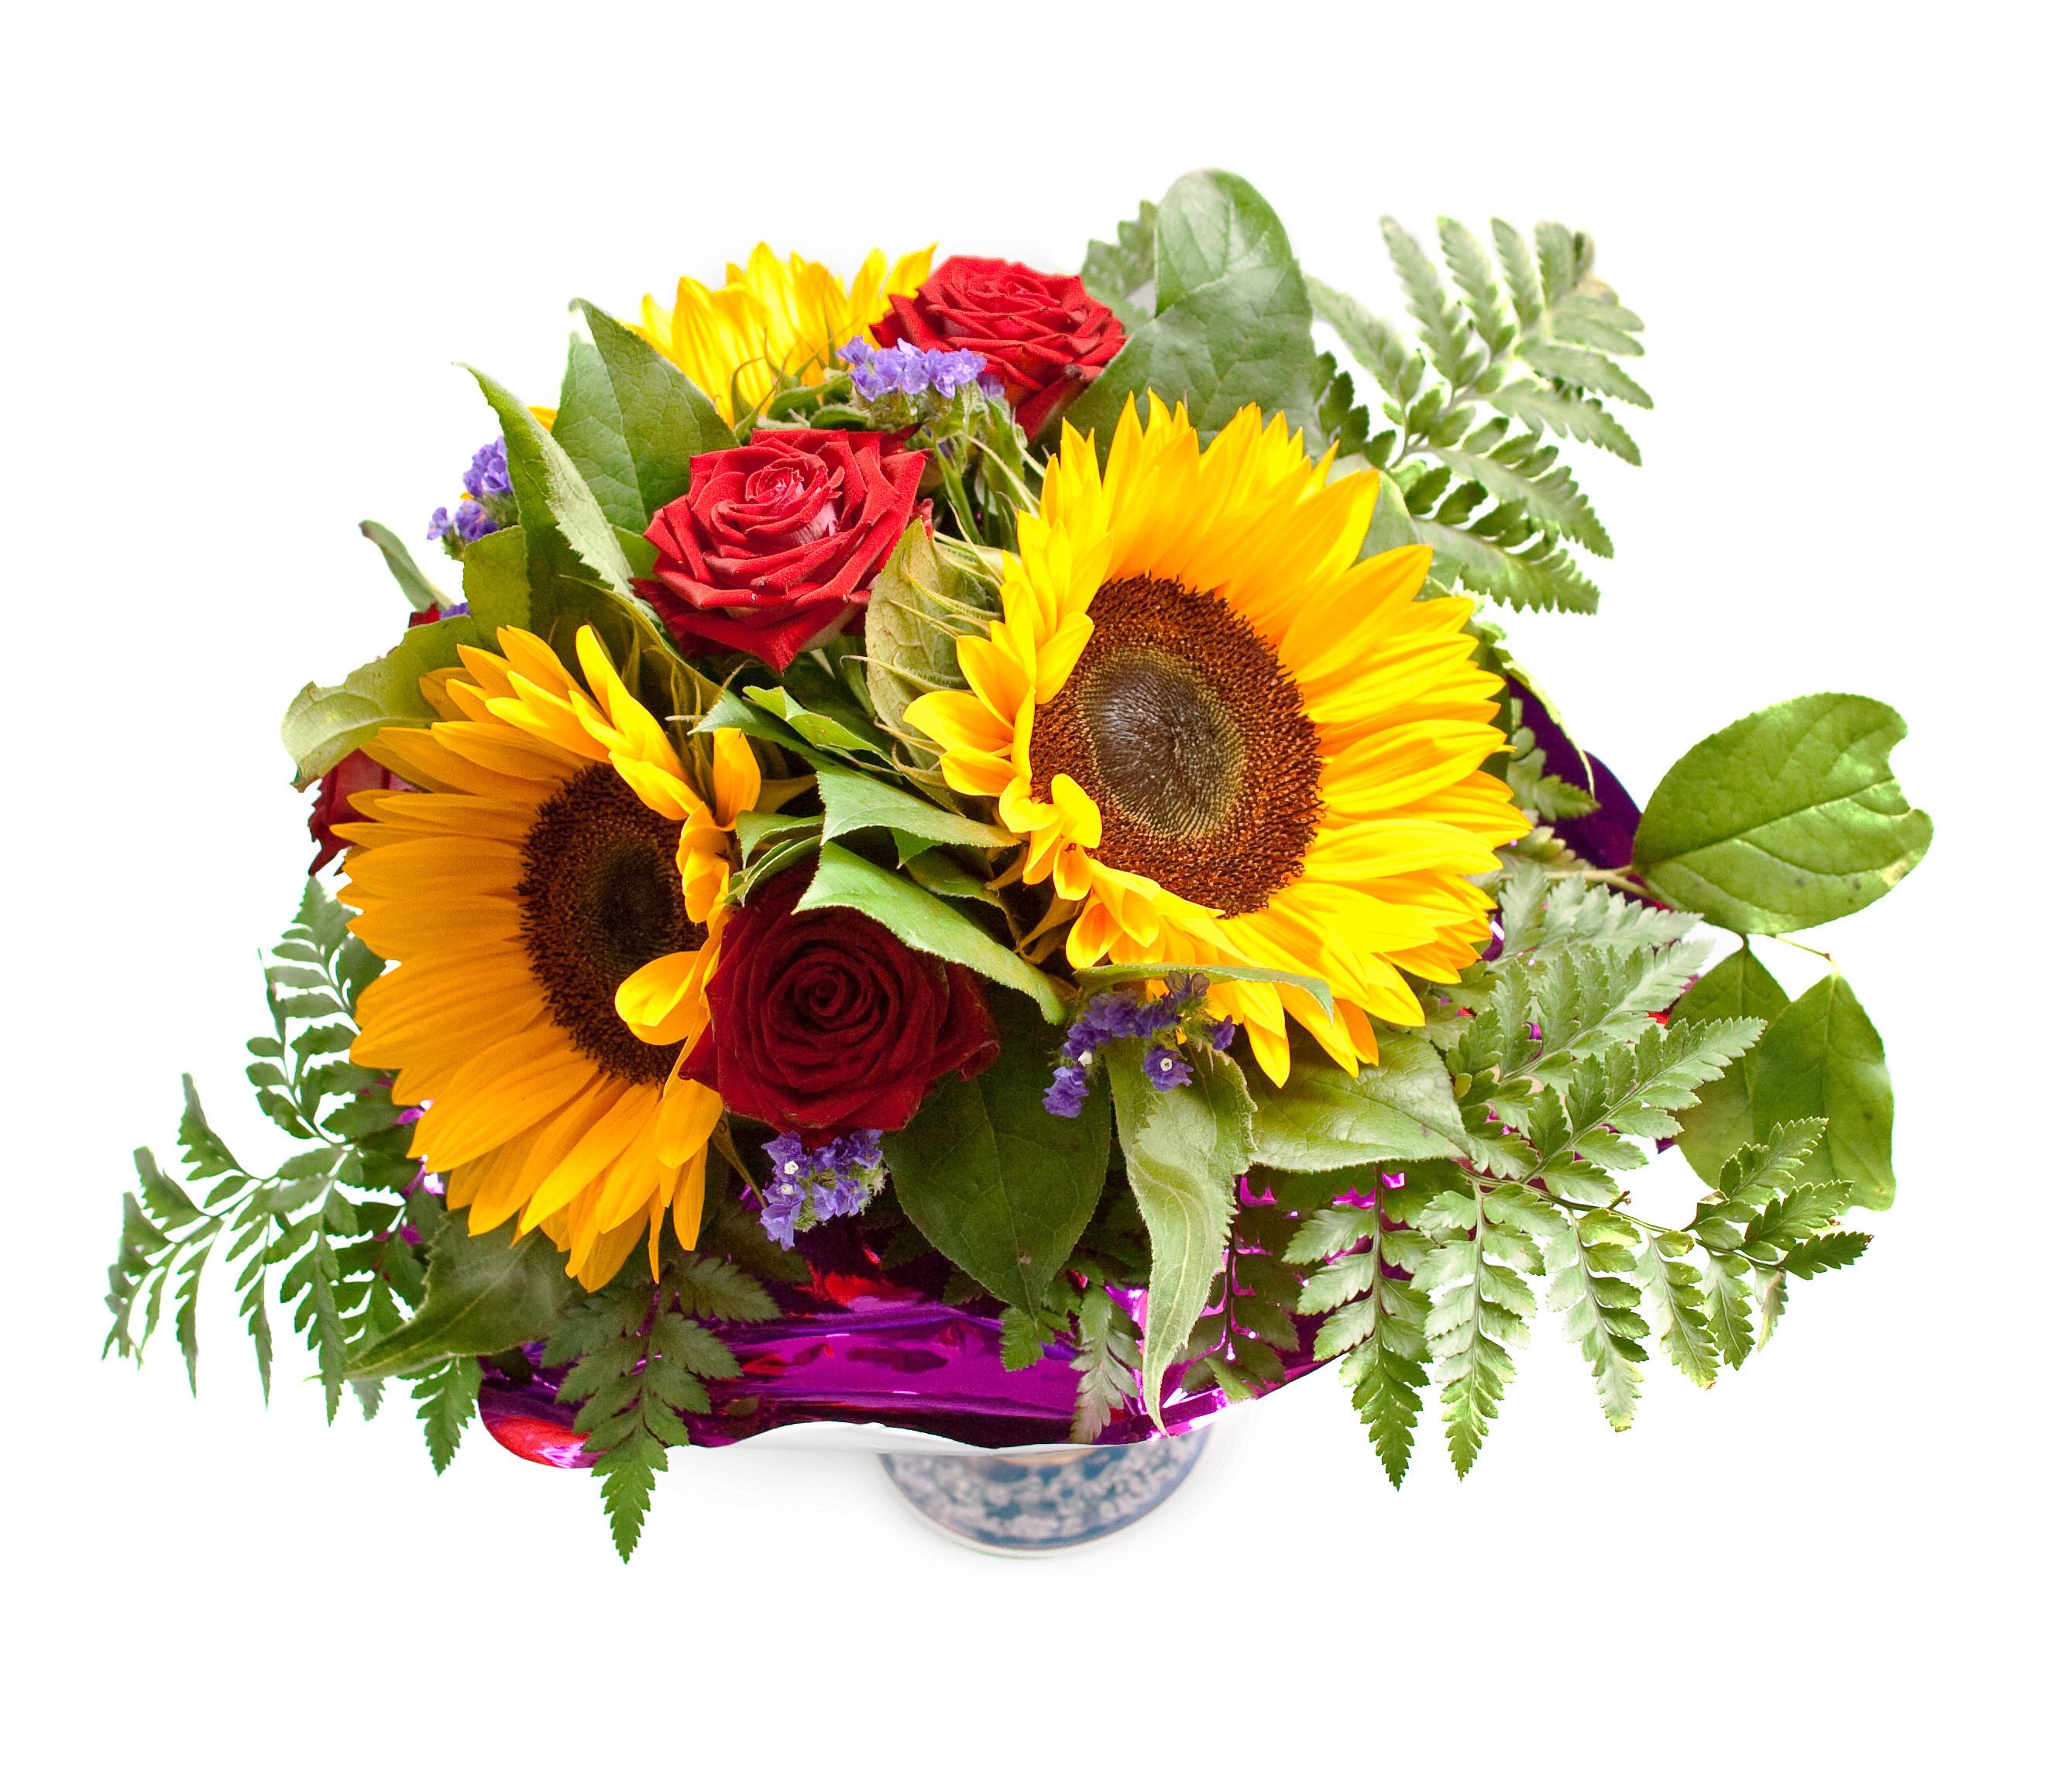 Geburtstagsbilder Blumenstrauss  Ergebnis für Ein kunterbunterr Blumenstrauß vor weißem